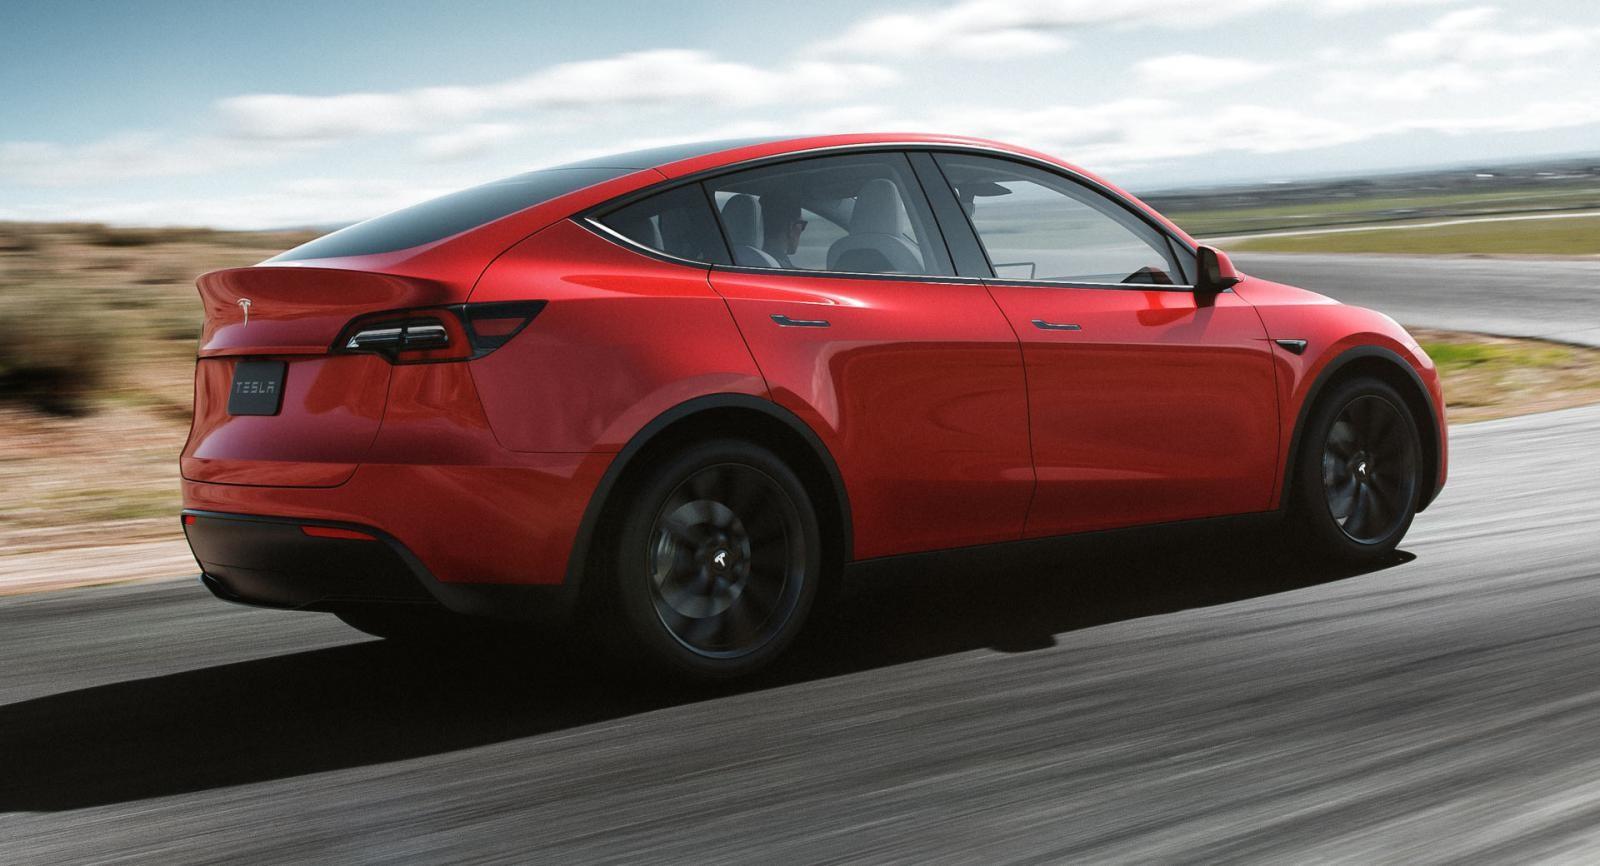 Tesla Model Y hứa hẹn sẽ trở thành một sản phẩm cực nóng trong thời gian tới